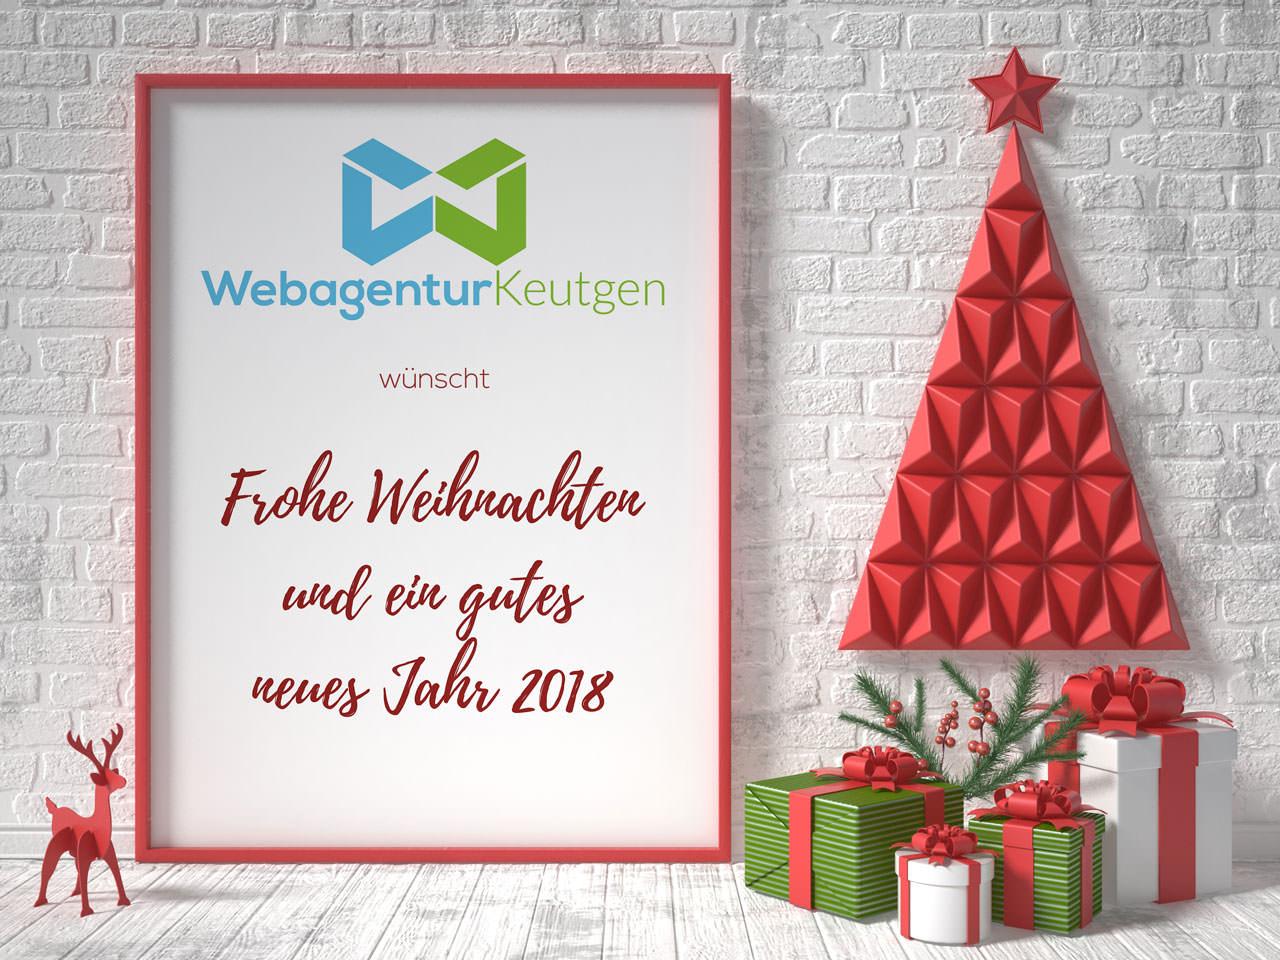 Frohe Weihnachten und ein gutes neues Jahr 2018! | Webagentur Keutgen